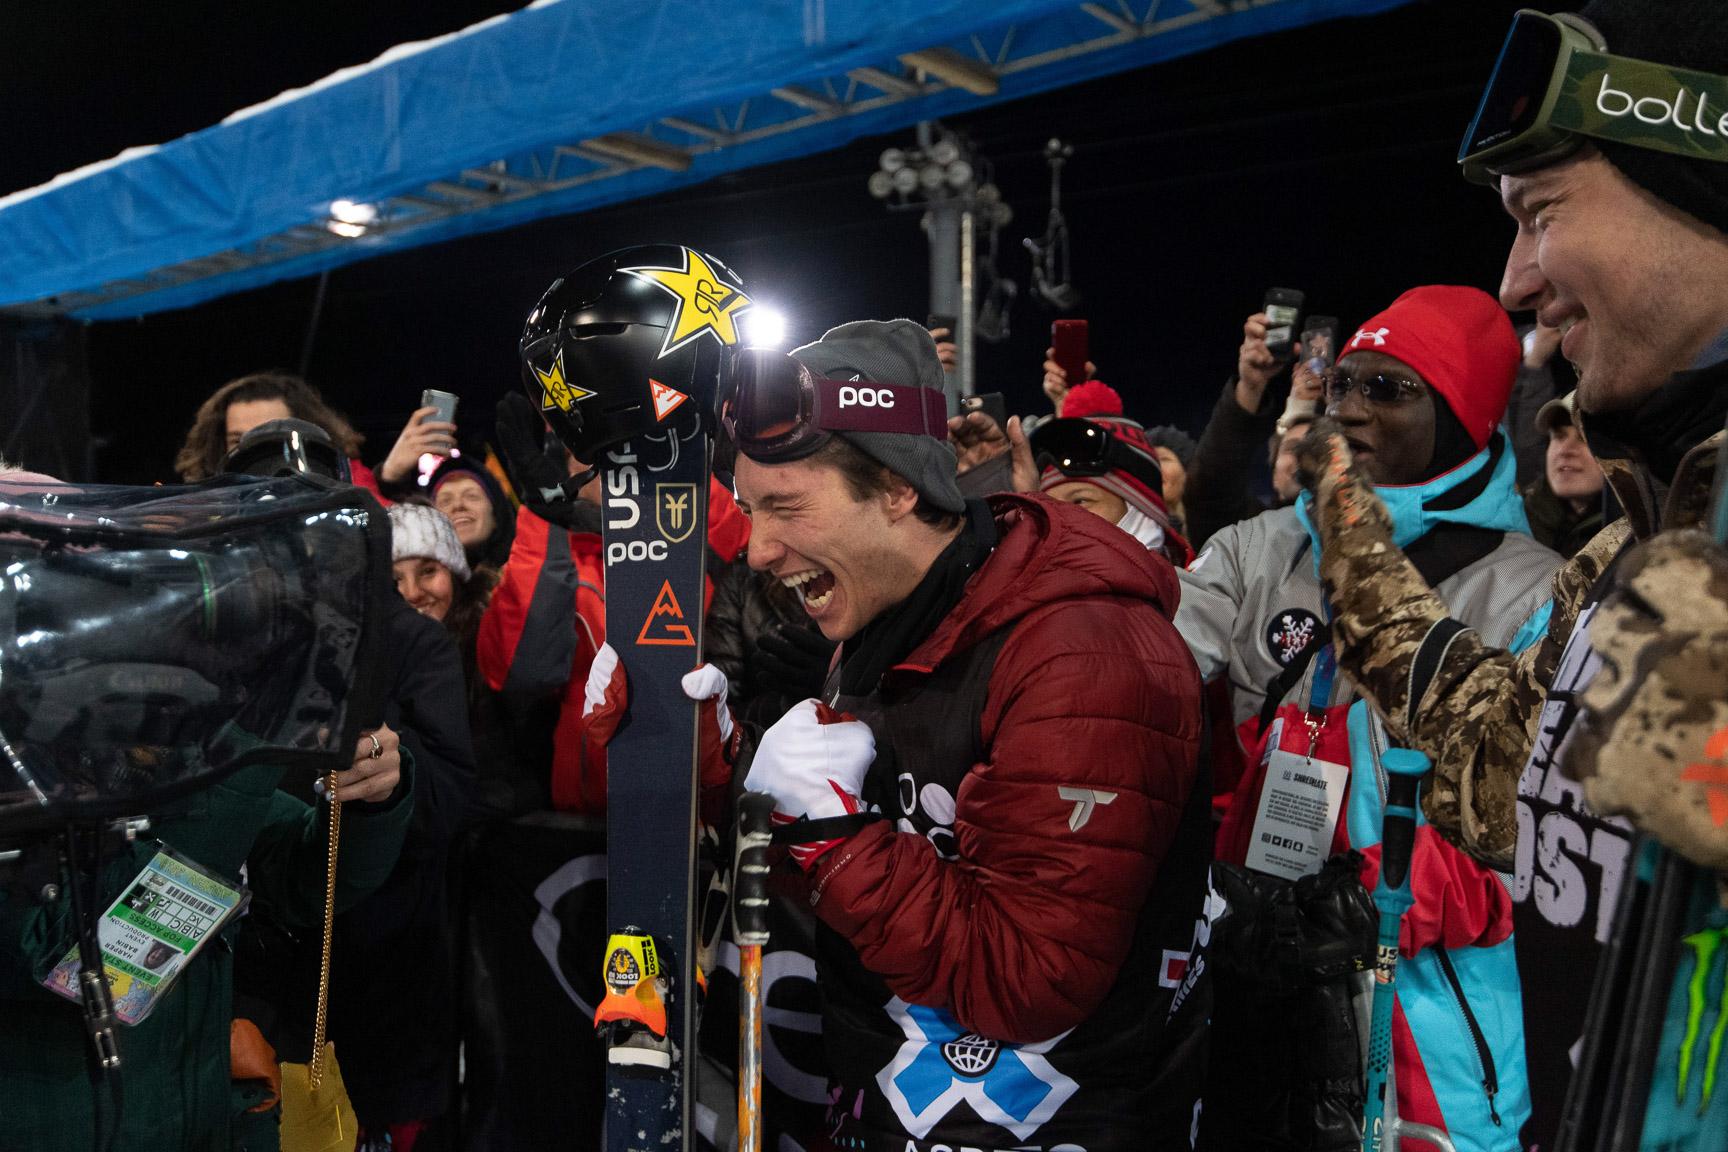 Alex Ferreira, Men's Ski SuperPipe